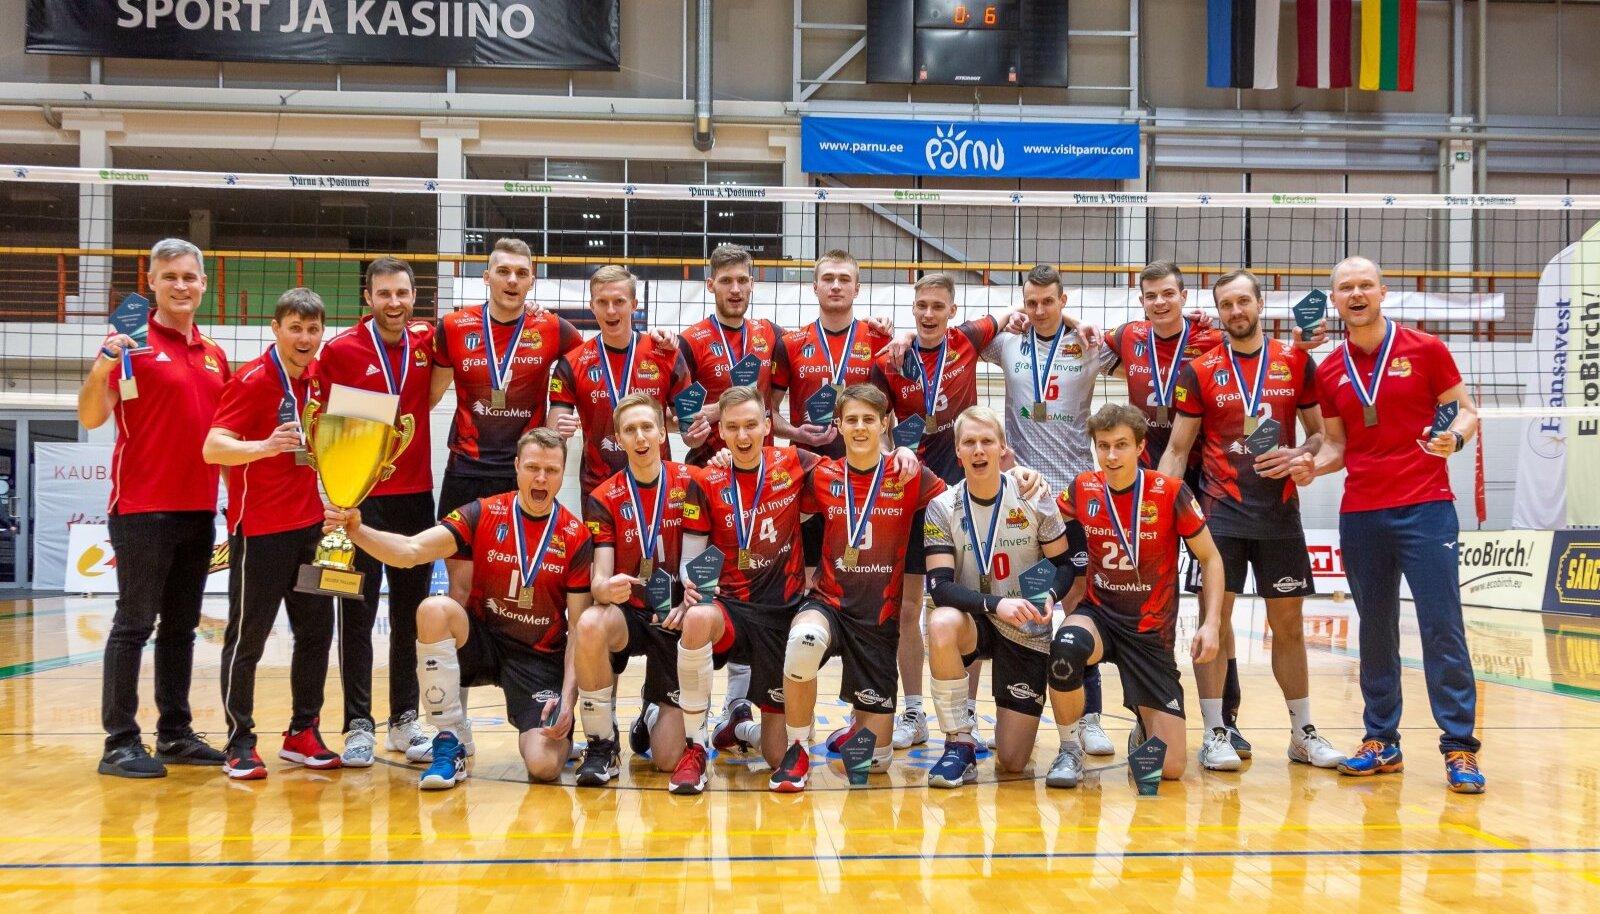 Tallinna Selveri meeskond